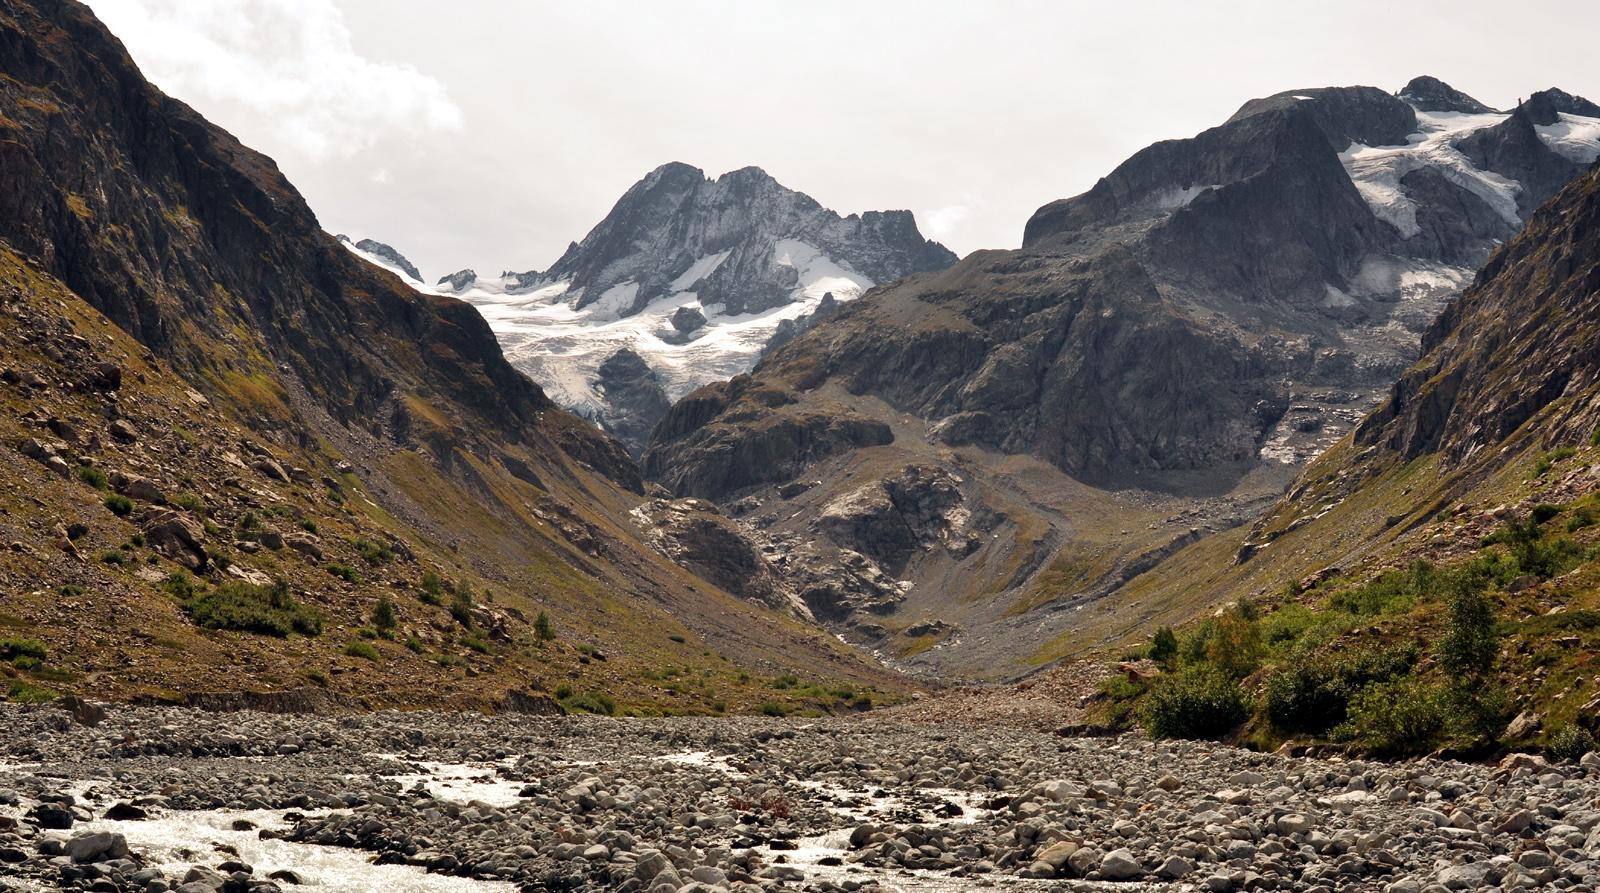 Auf dem Weg zum Gletscher ...